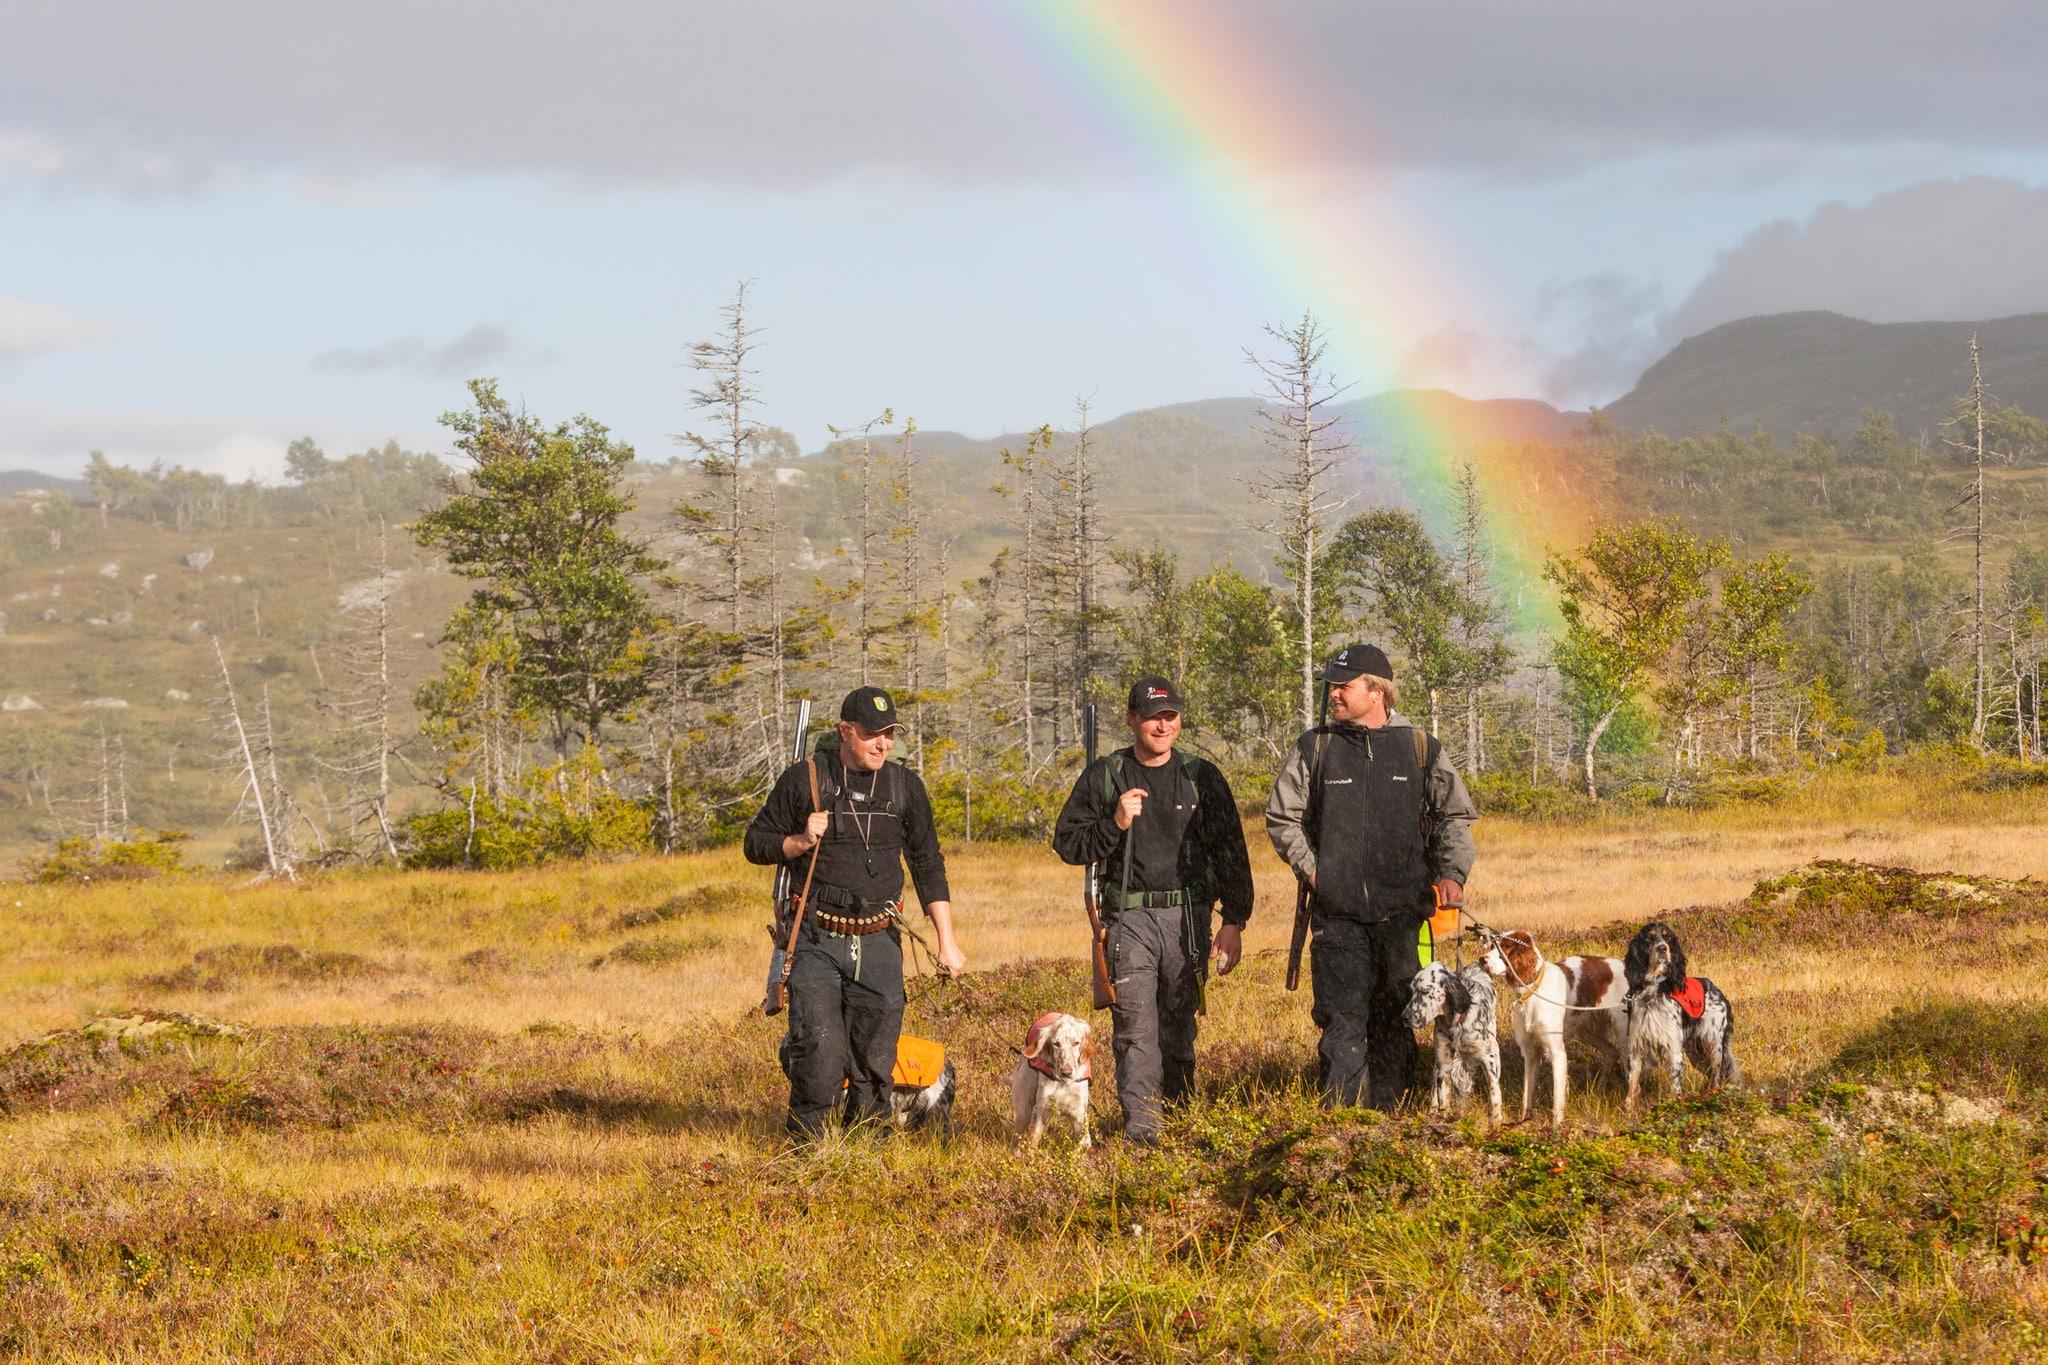 Möjligheten till jakt för marklösa jägare skulle kunna försvåras om fler samebyar också skulle få ensamrätt till småviltjakt och fiske, anser Jägareförbundet. Foto: Kjell-Erik Moseid